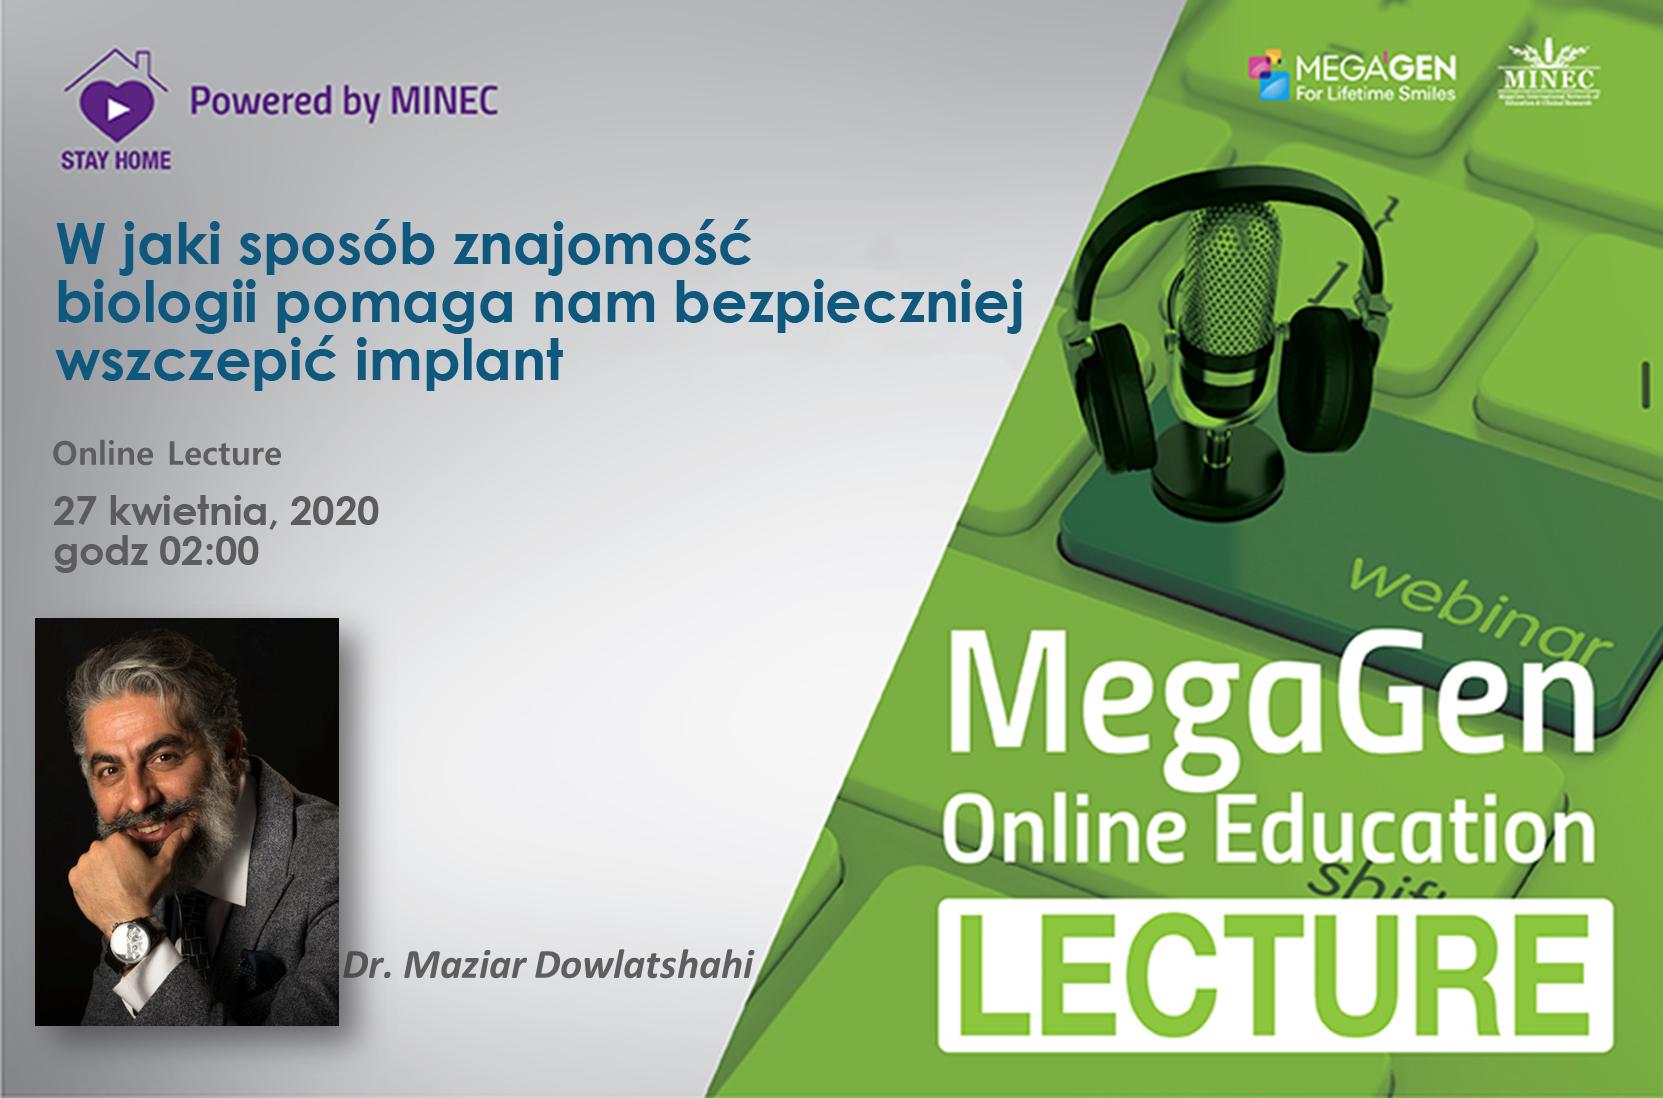 newsletterMEGAGEN-MINEC_Dr.Maziar